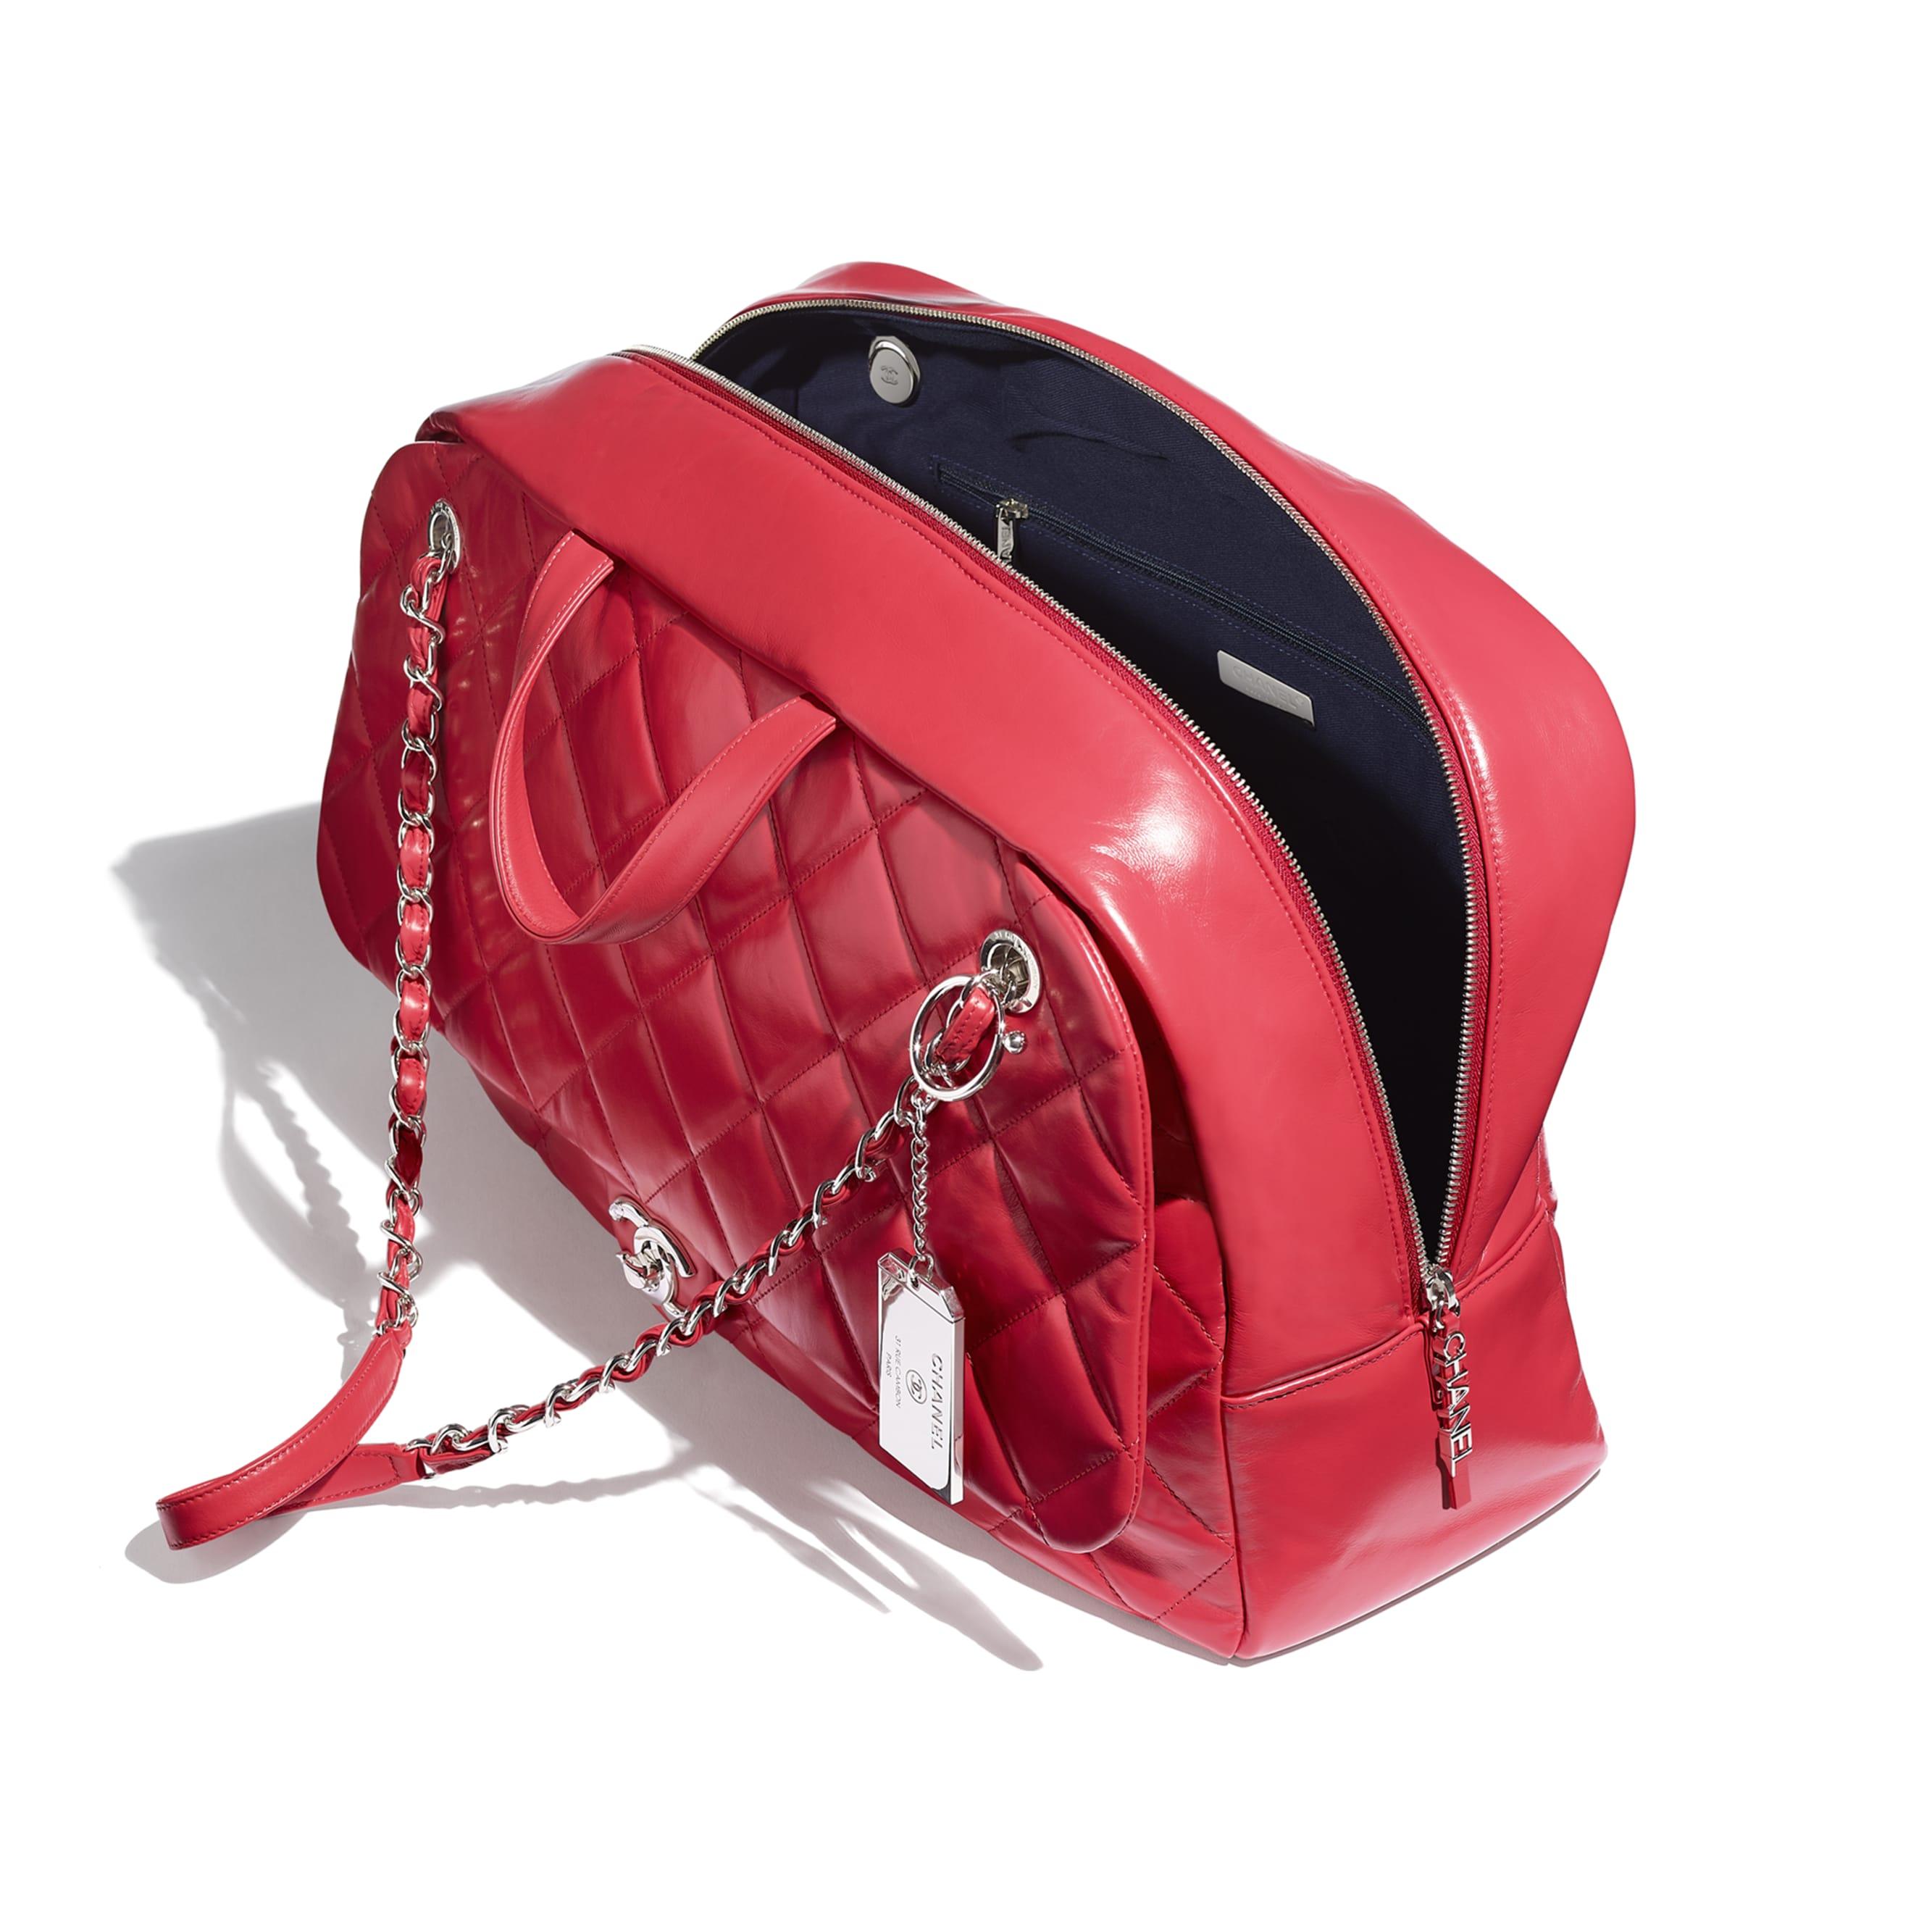 Große Bowling-Tasche - Rot - Kalbsleder & silberfarbenes Metall - Weitere Ansicht - Standardgröße anzeigen